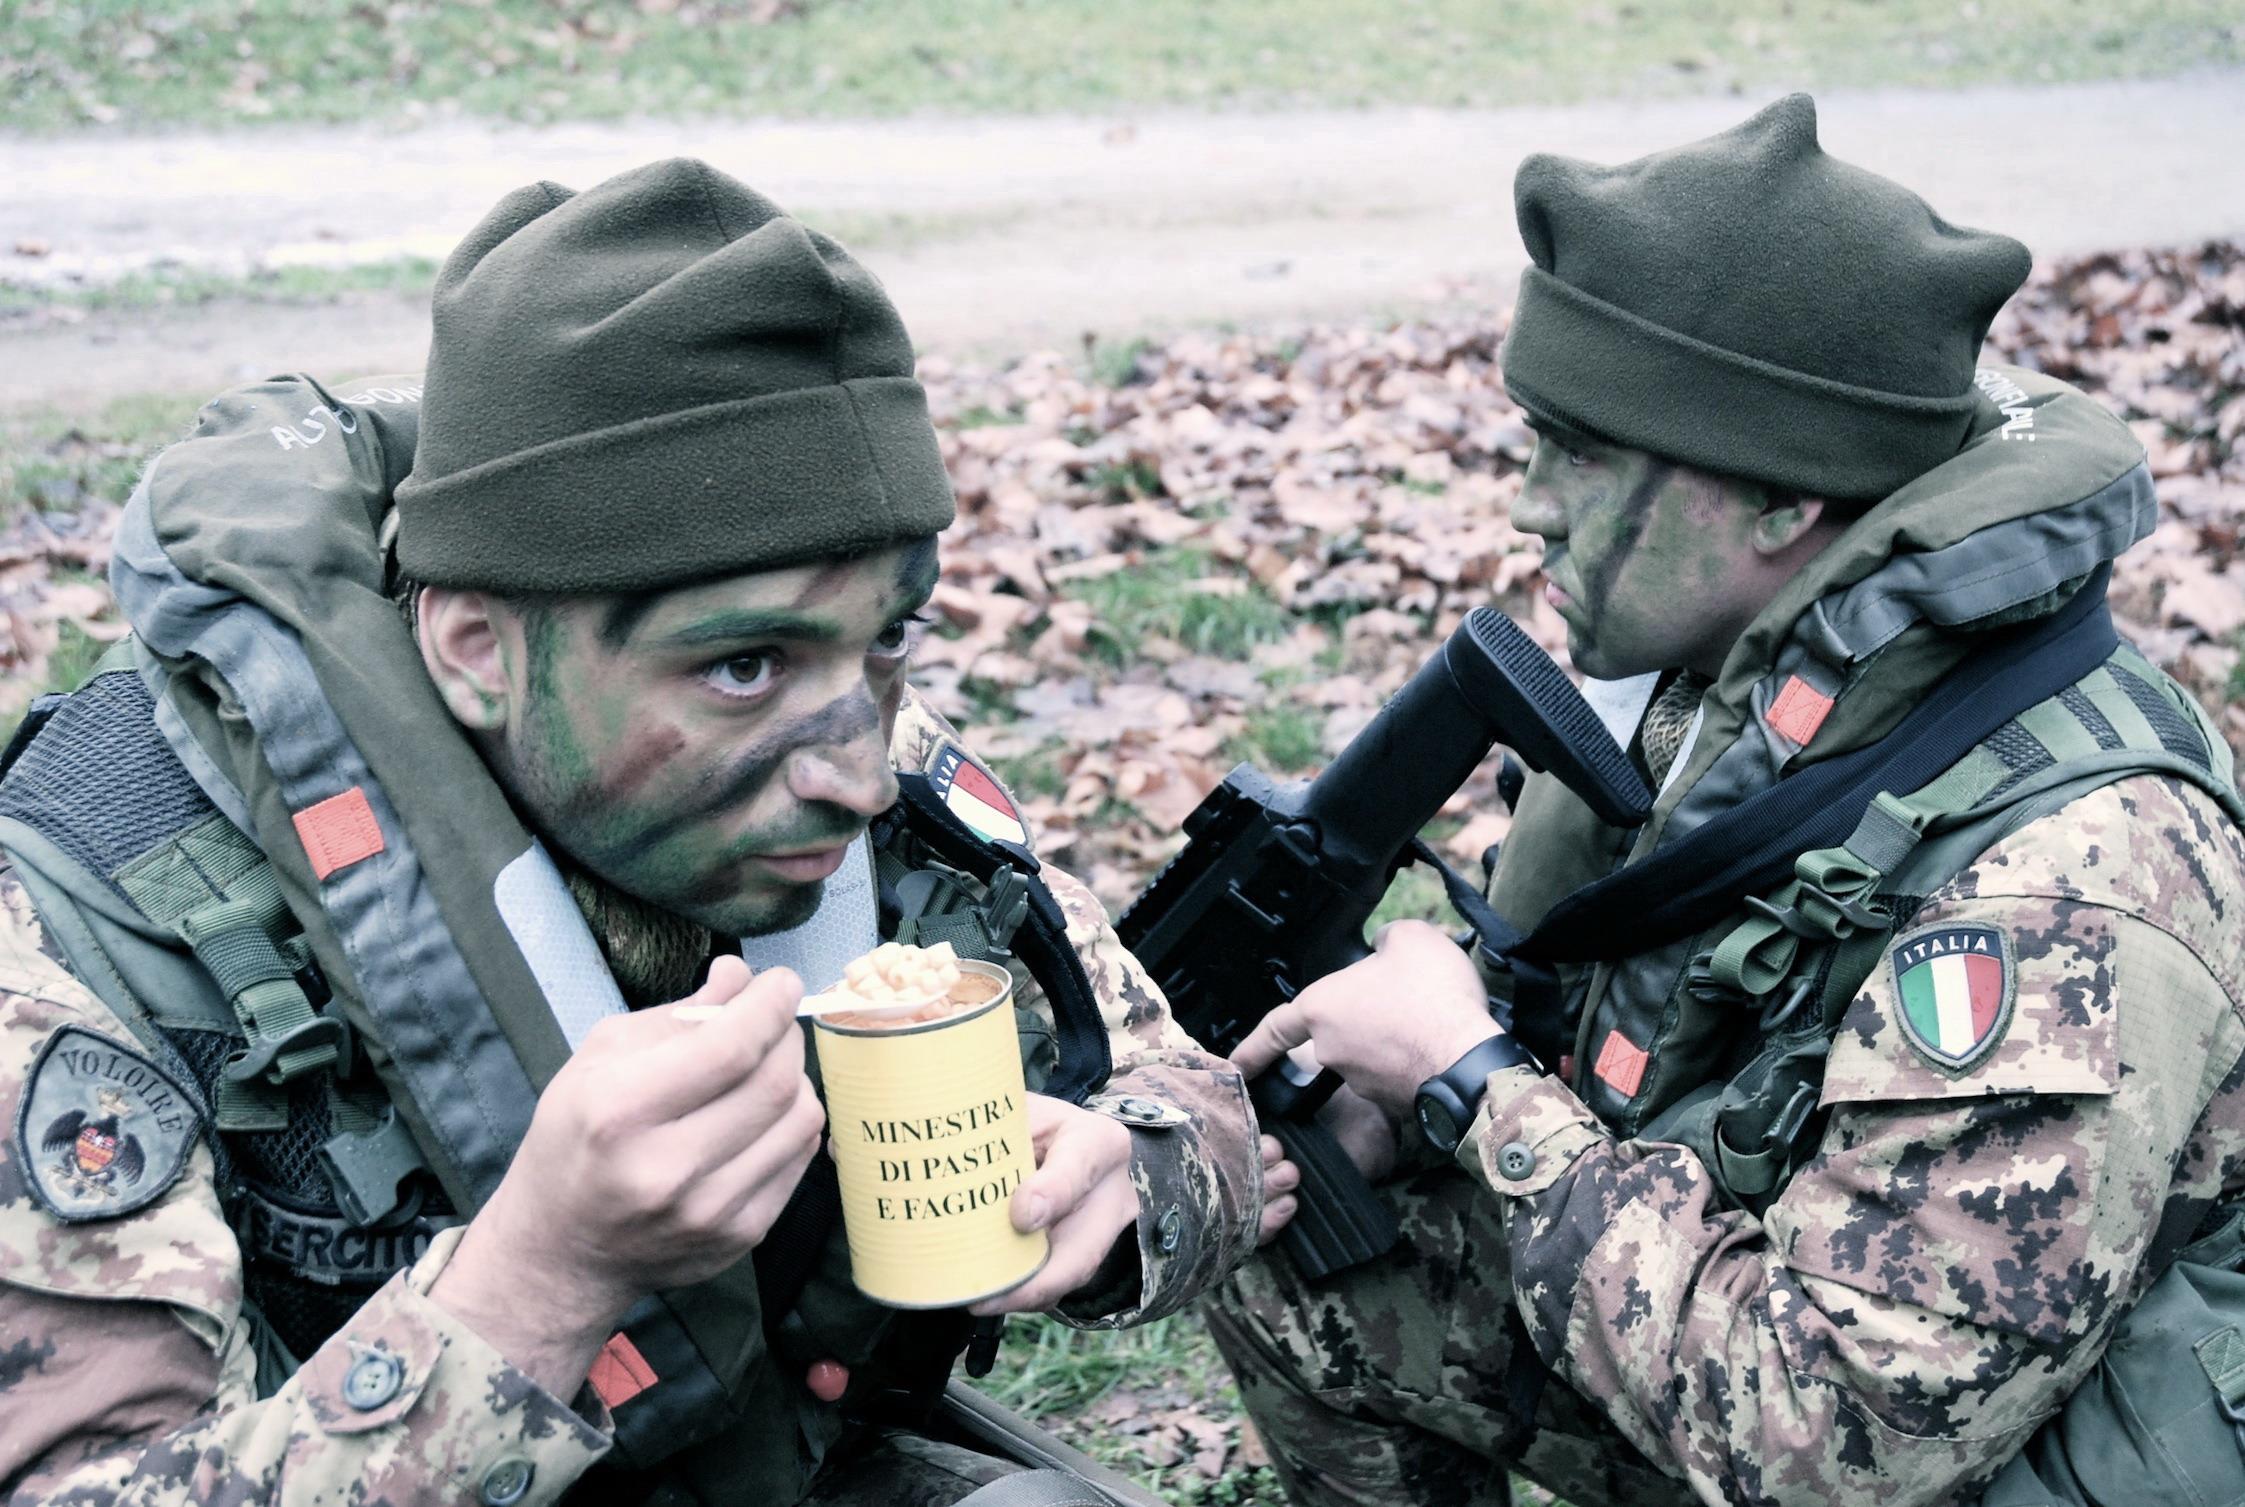 le razioni k per i nostri militari senza maiale per gli